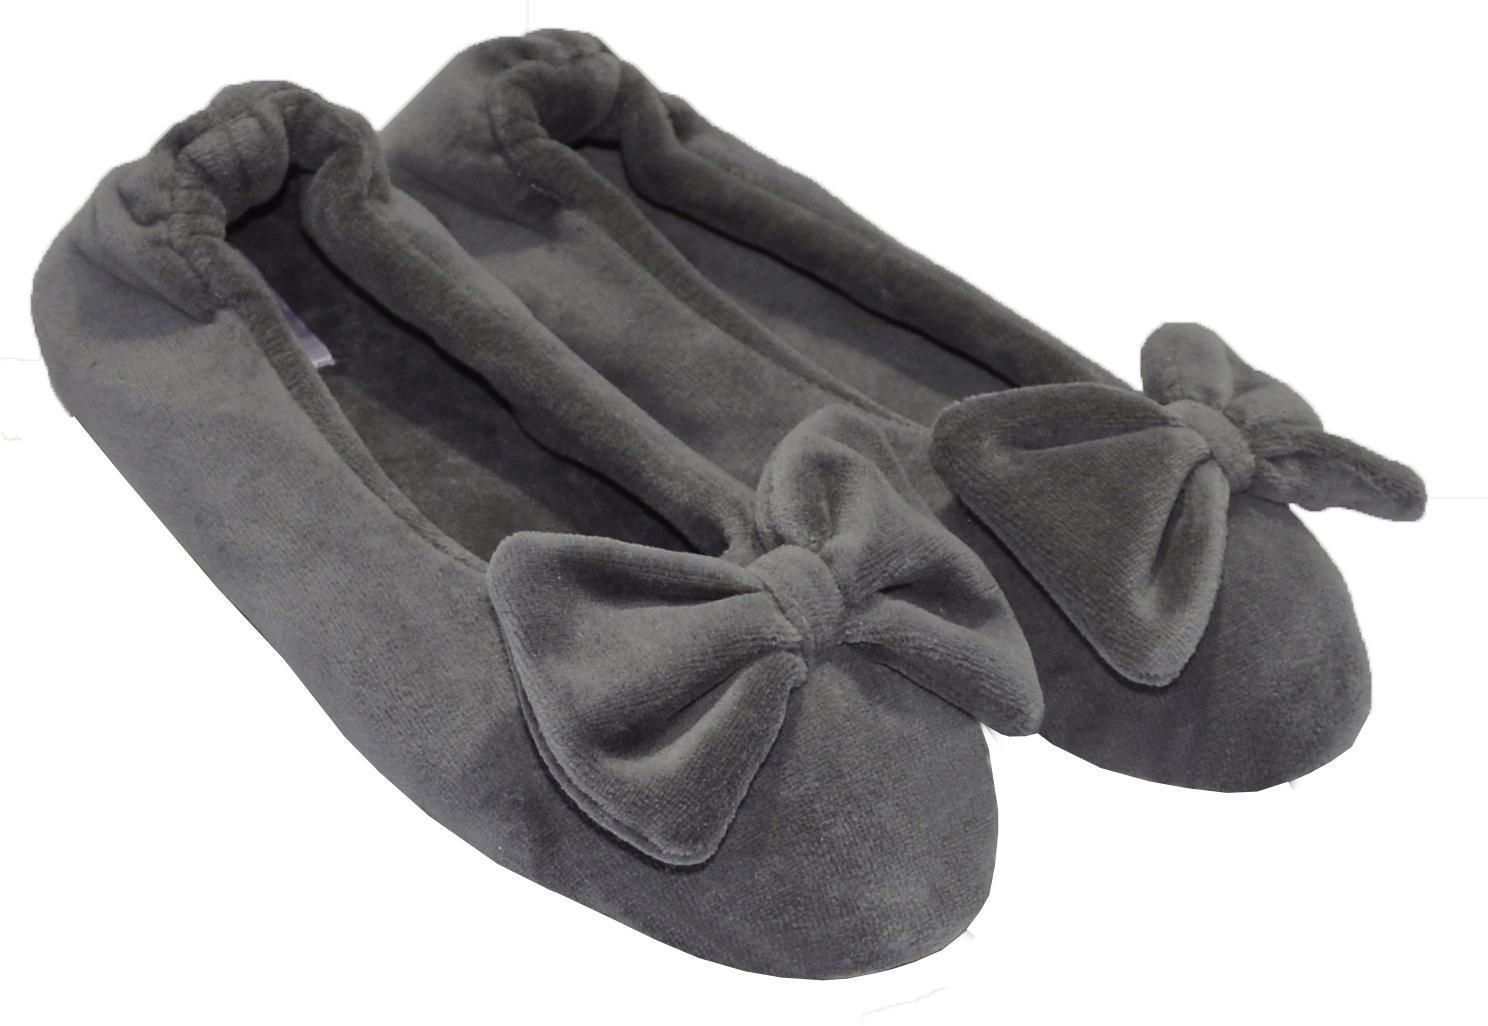 Sapatilha Feminina Vairelli Inverno em Plush CEU Super Confortável